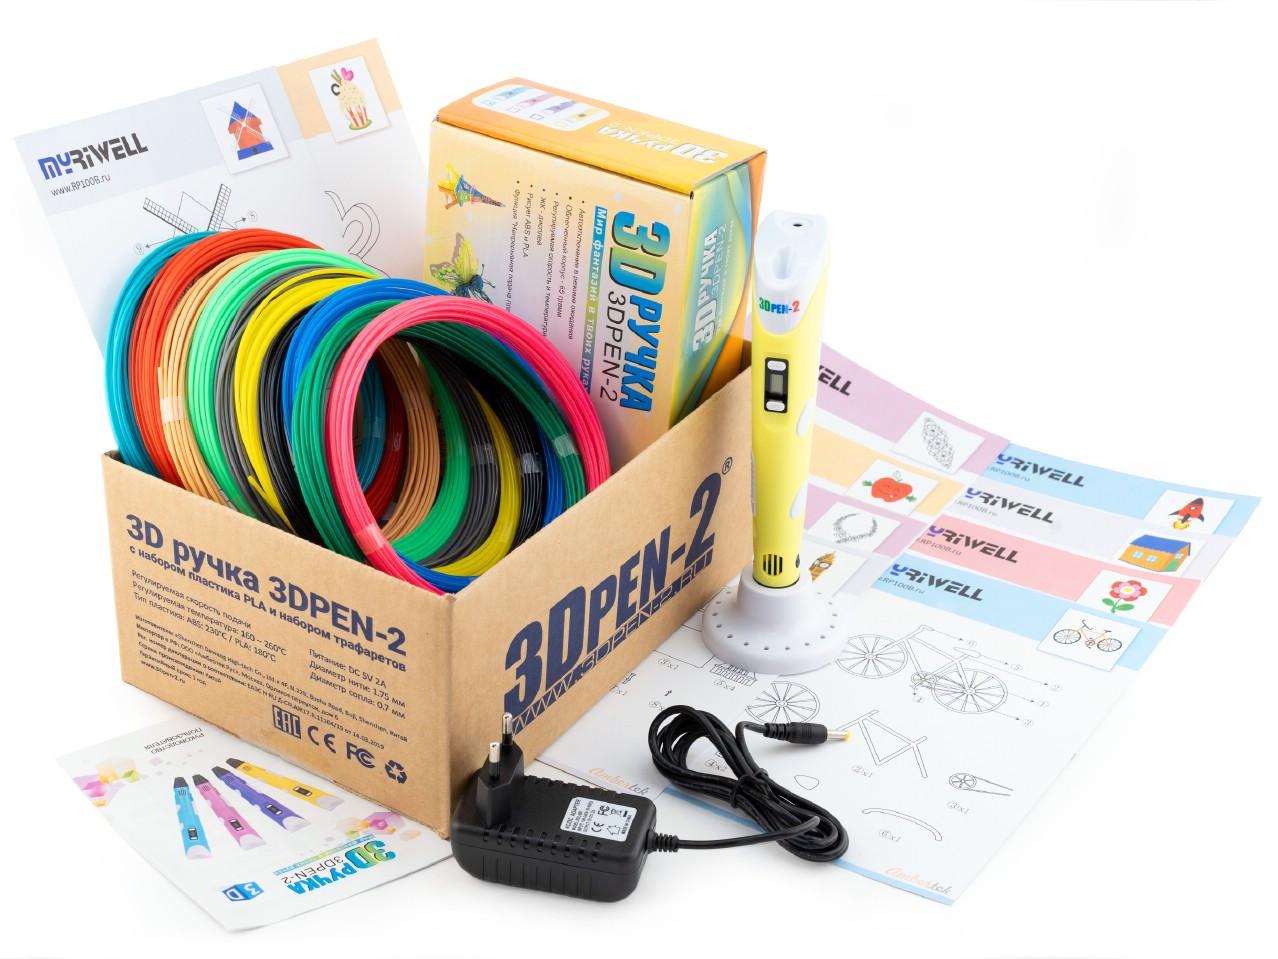 Купить 3D ручка 3DPEN-2 (цвет: желтый) с набором пластика PLA 10 цветов по 10 метров и набором трафаретов для 3D ручек, 3D ручка 3DPEN-2 PLA 10 цветов с трафаретами, цв. желтый,